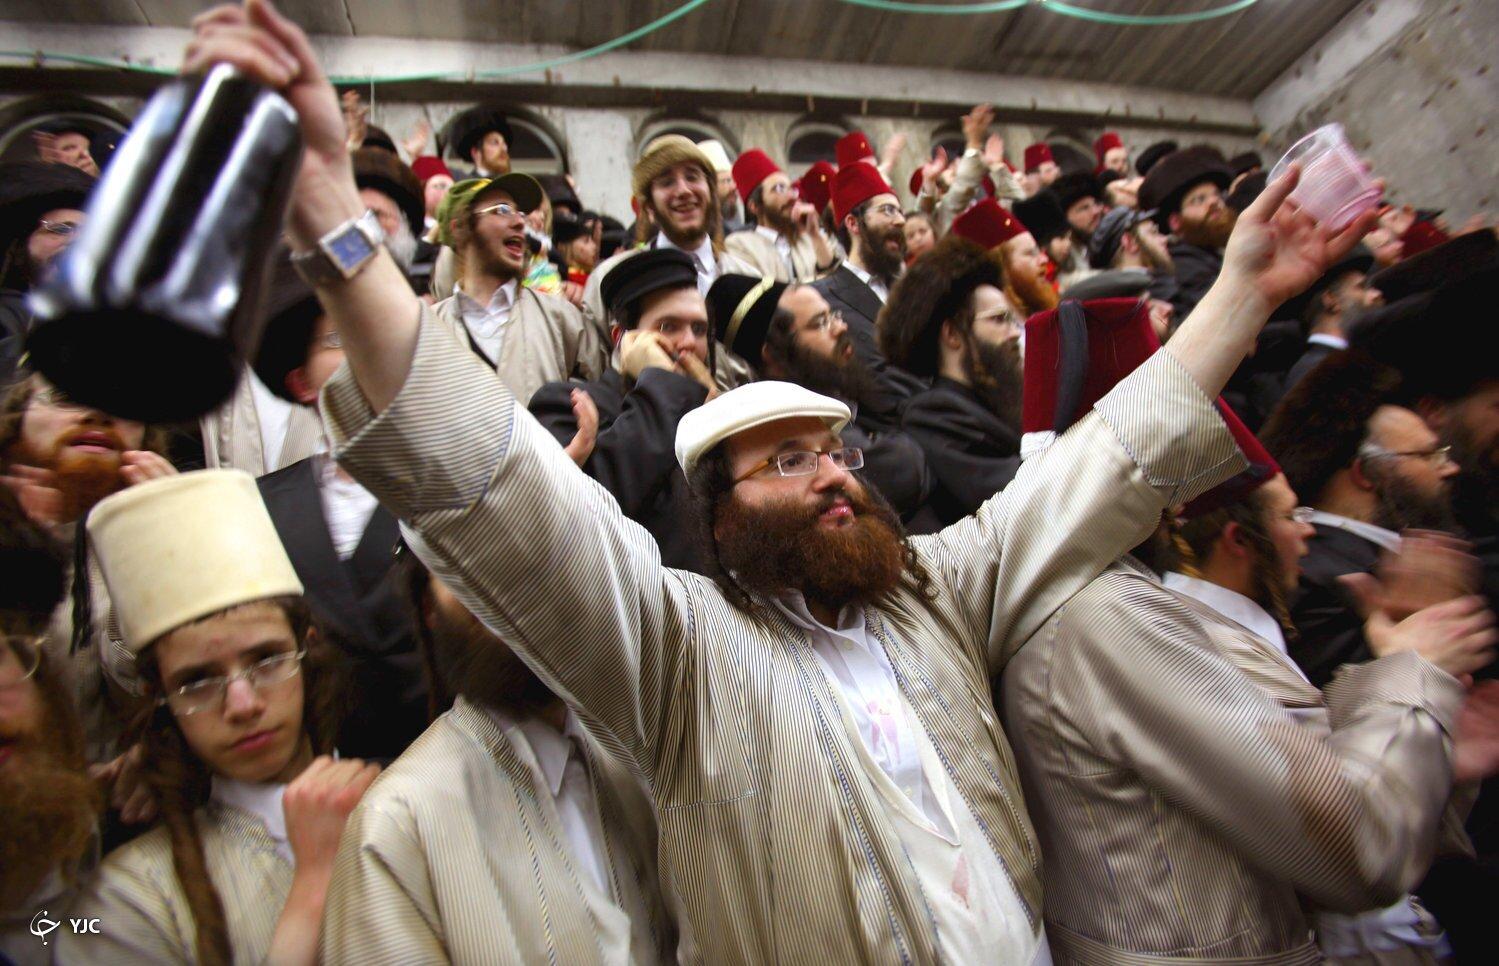 تدابیر صهیونیستها در جریان برگزاری یک جشن ضدایرانی+ تصاویر